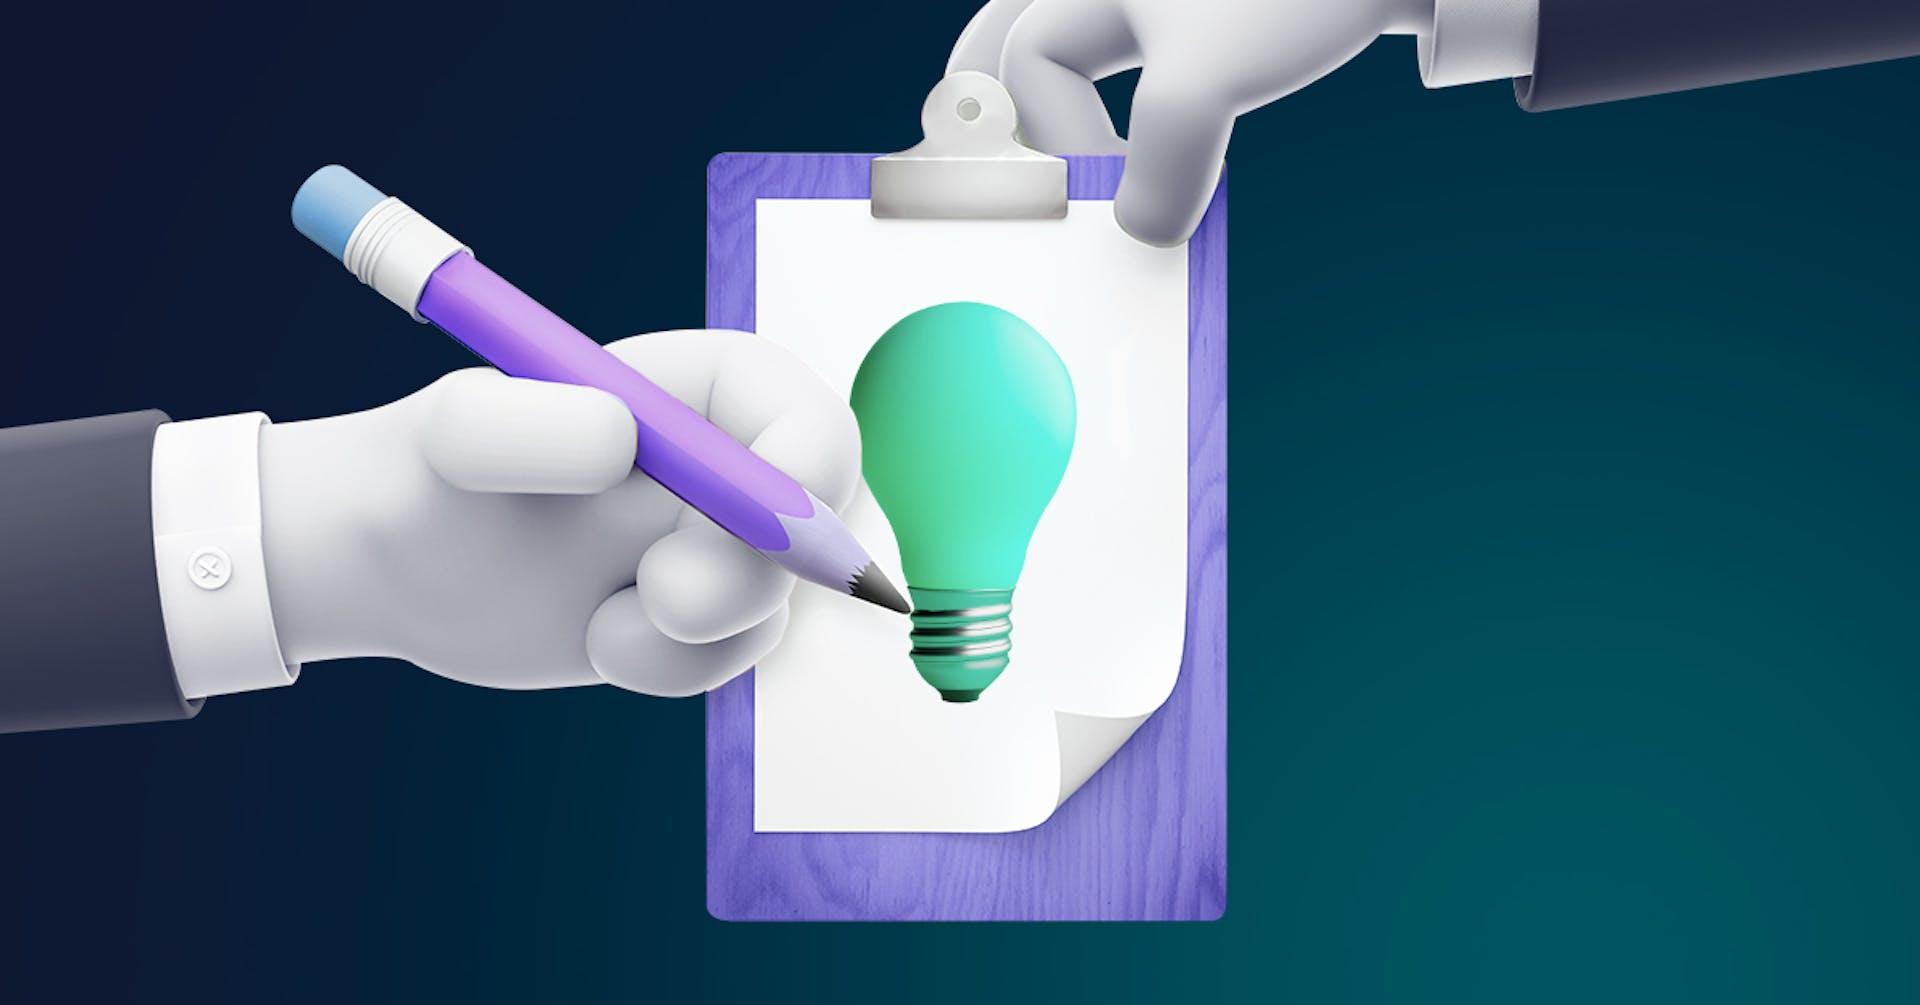 ¿Cómo hacer un brief? ¡Descubre cómo potenciar tus proyectos!